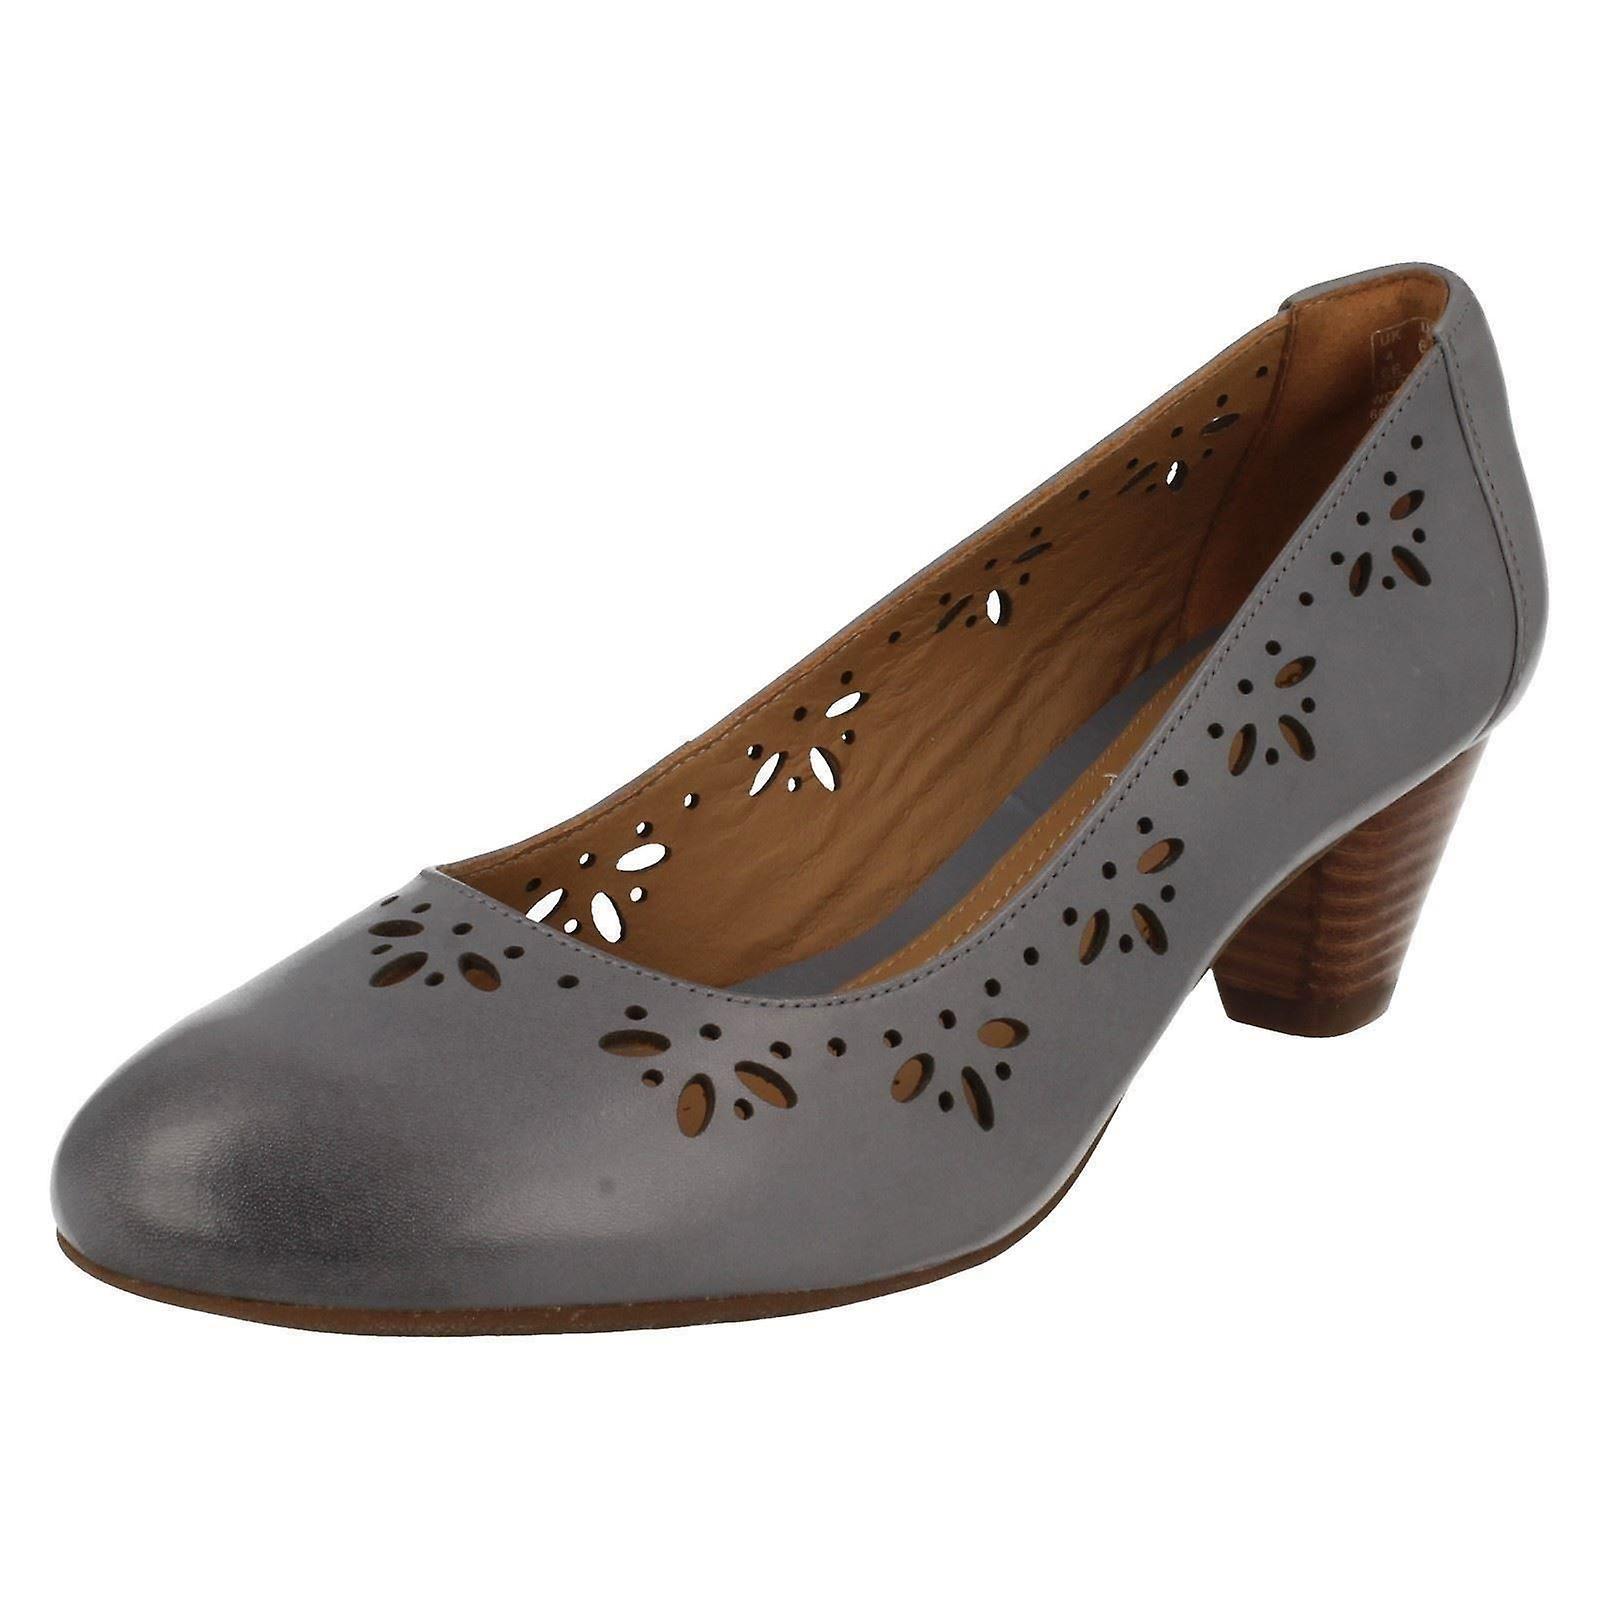 Panie Clarks kwiatowy Laser Cut Out Mid buty pięty sąd Denny Dazzle 7ZpWR